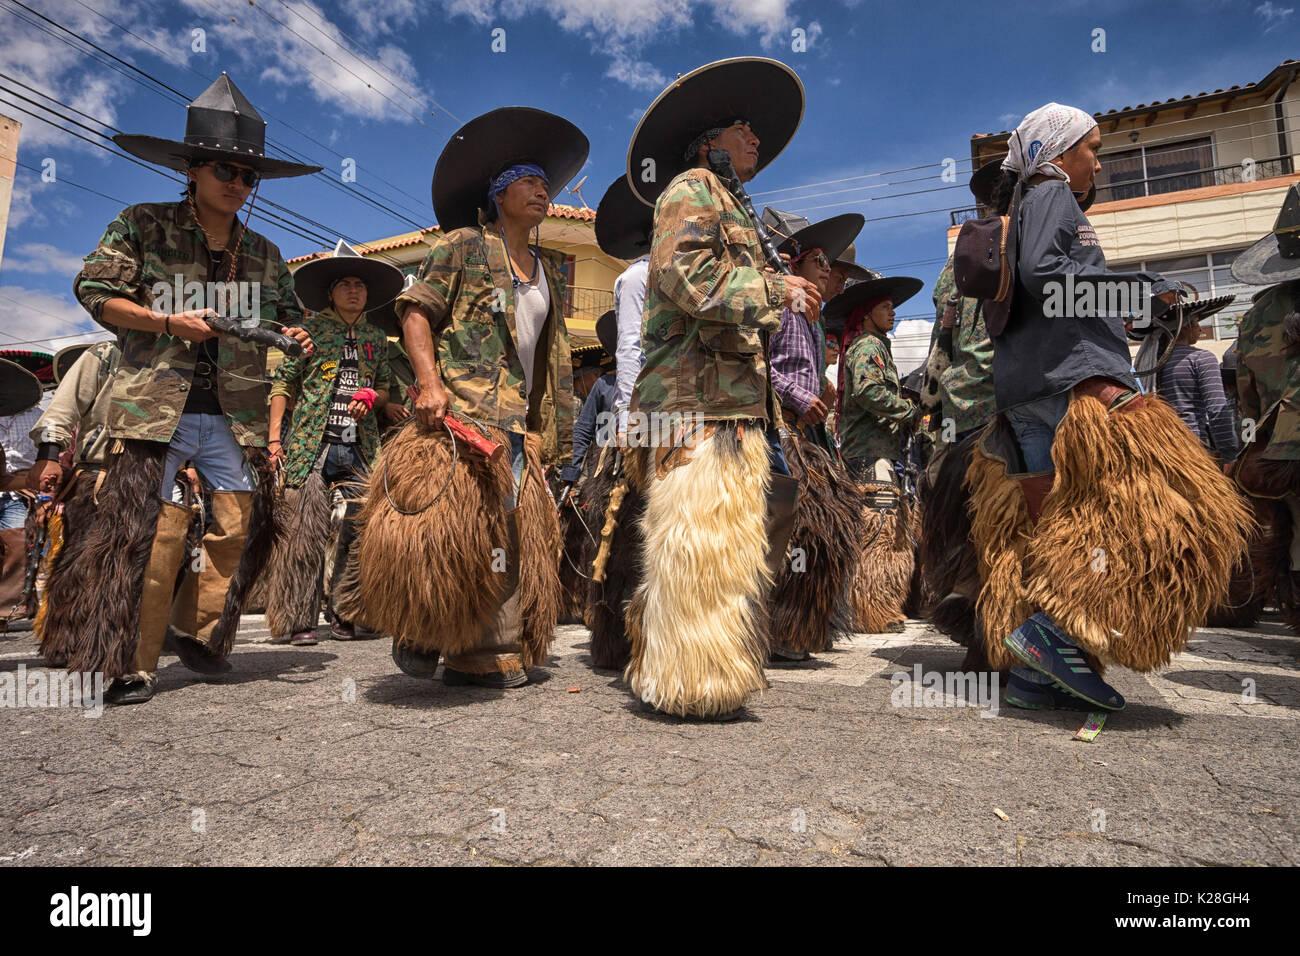 Giugno 25, 2017 Cotacachi, Ecuador: basso angolo di visione degli indigeni quechua uomini che indossano chaps ad Inti Raymi celebrazione Immagini Stock